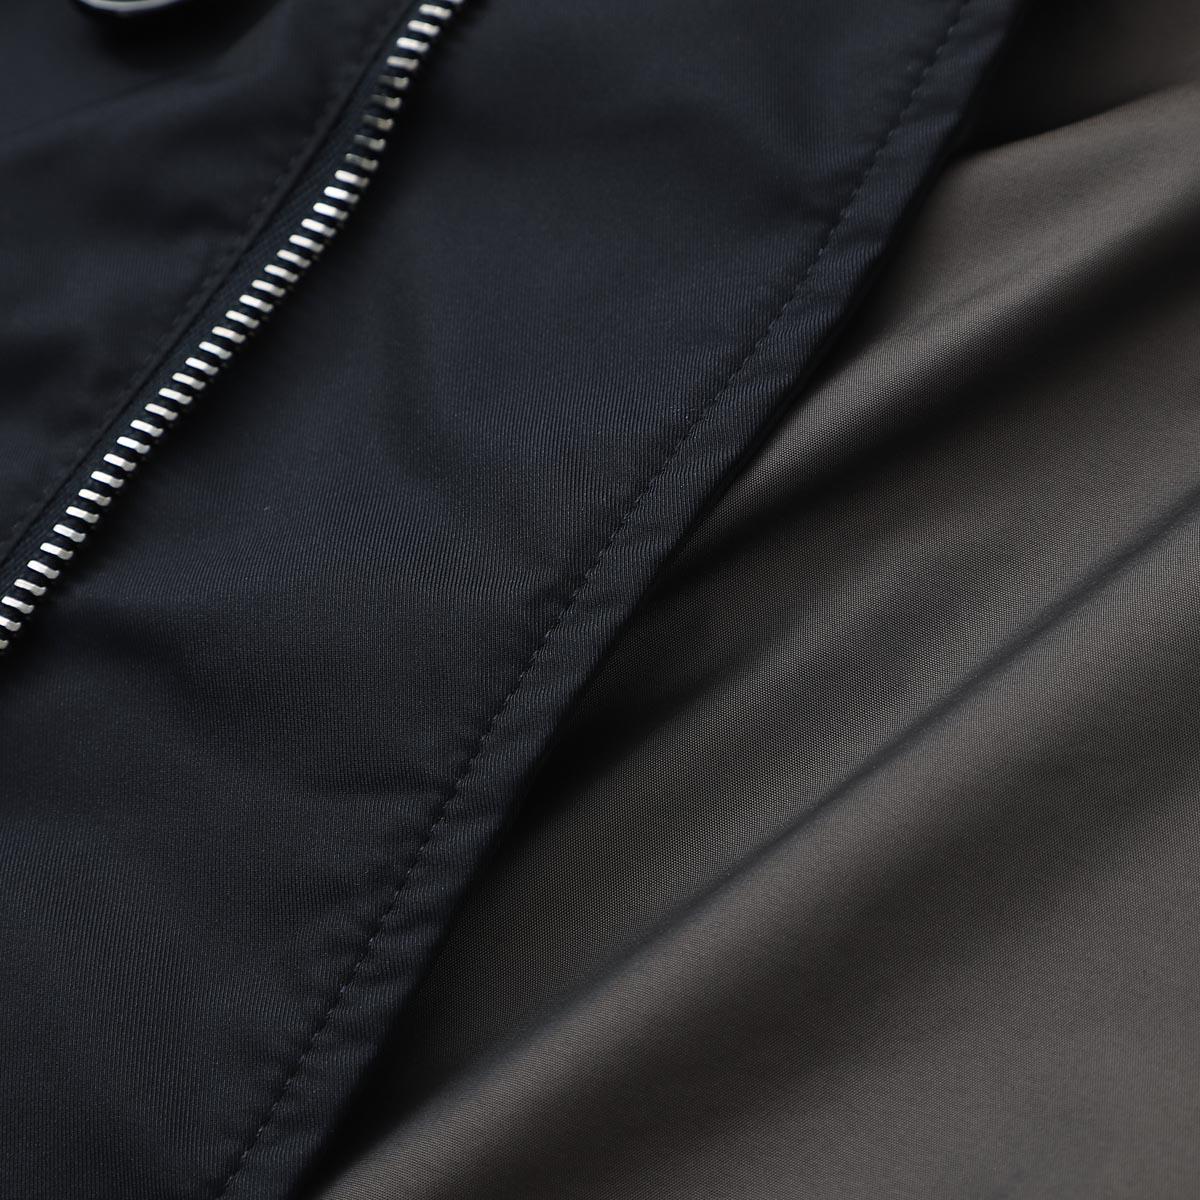 【タイムセール TOPS】MOORER ムーレー 中綿入り ブルゾン/NABUCCO-KM メンズ